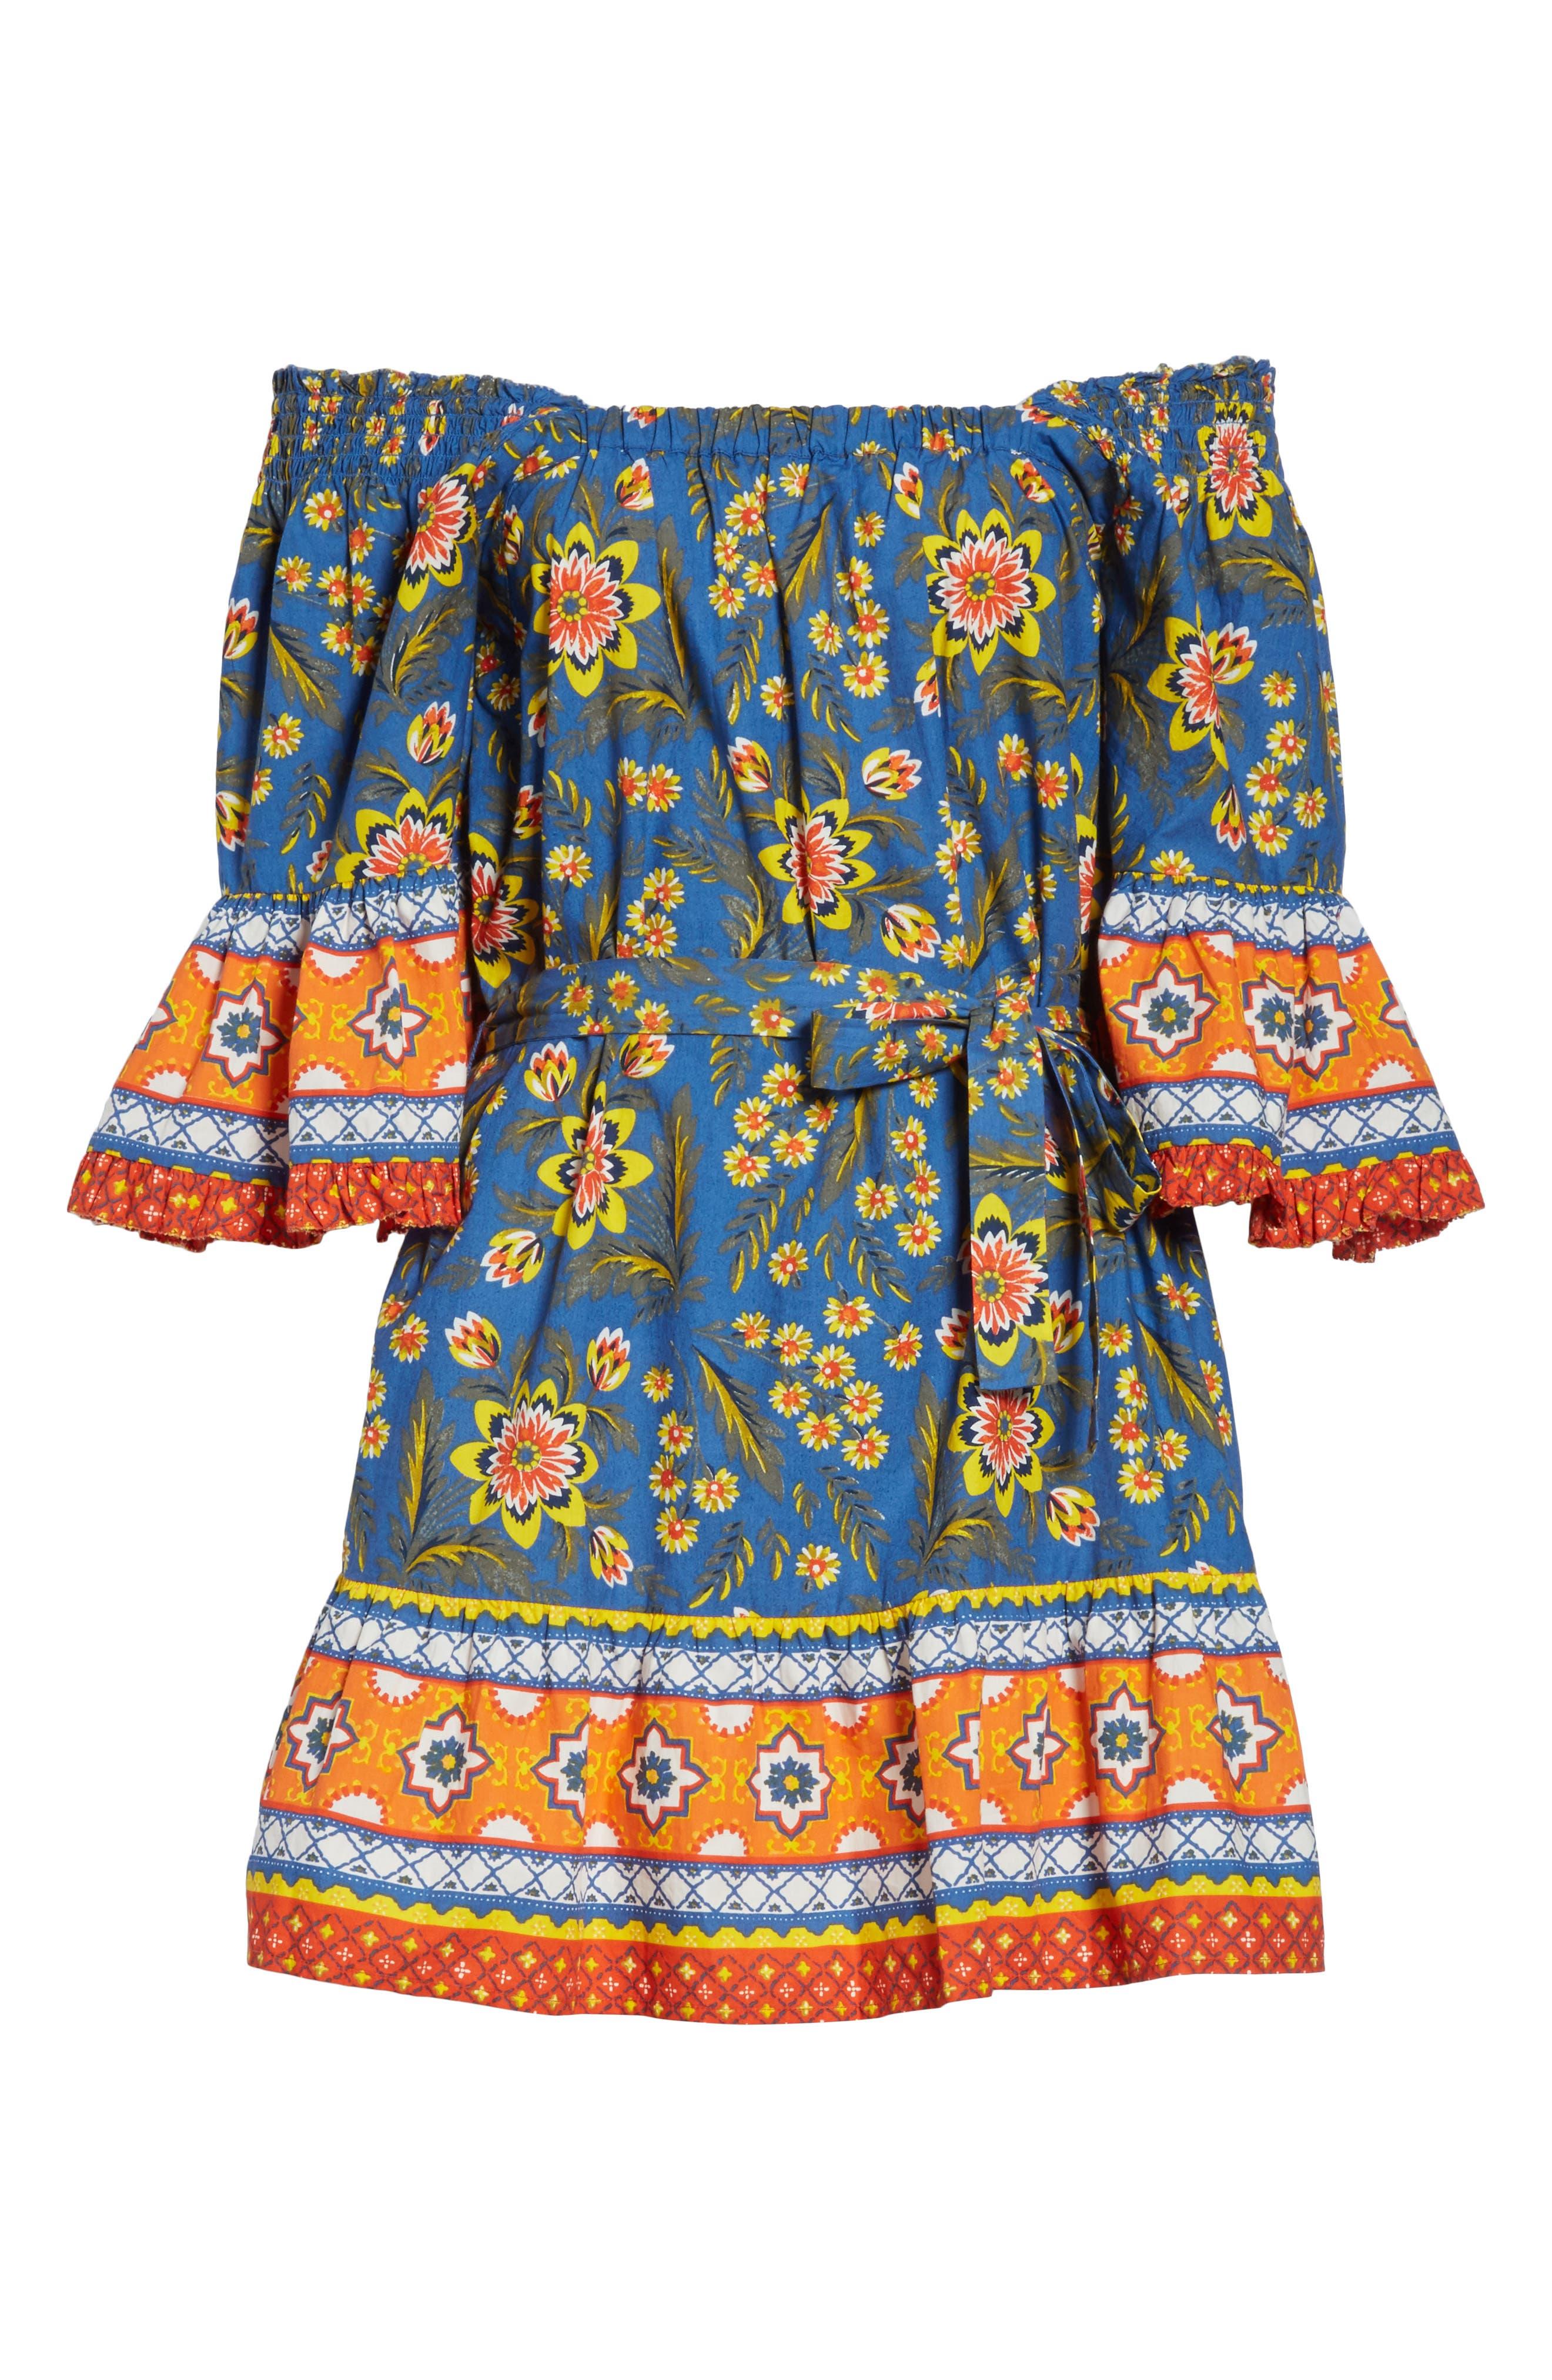 Chloris Off the Shoulder Cotton Dress,                             Alternate thumbnail 6, color,                             420